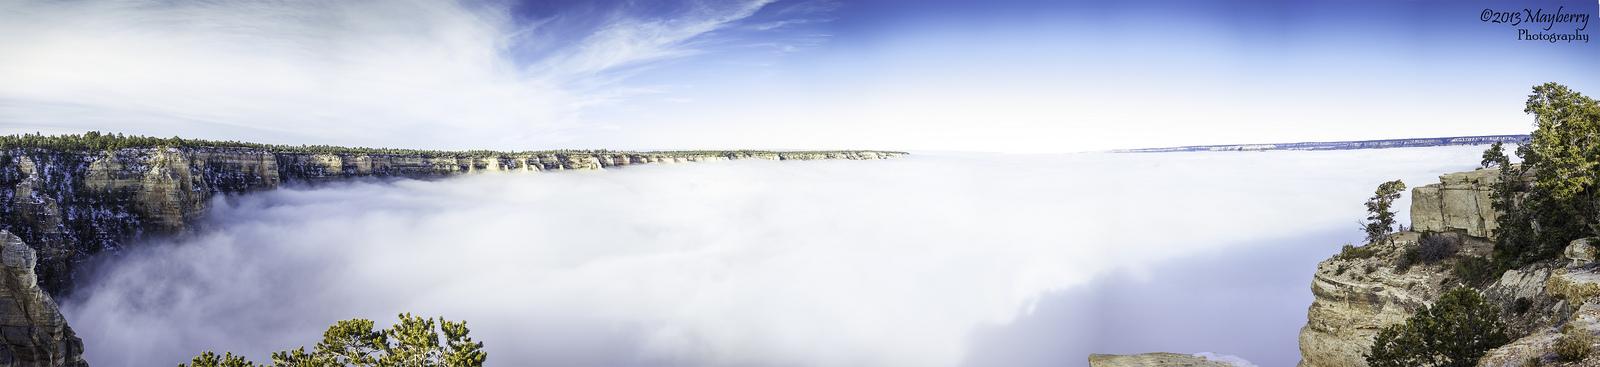 """Raro evento transforma o Grand Canyon em uma fabulosa """"cidade entre as nuvens"""" 09"""